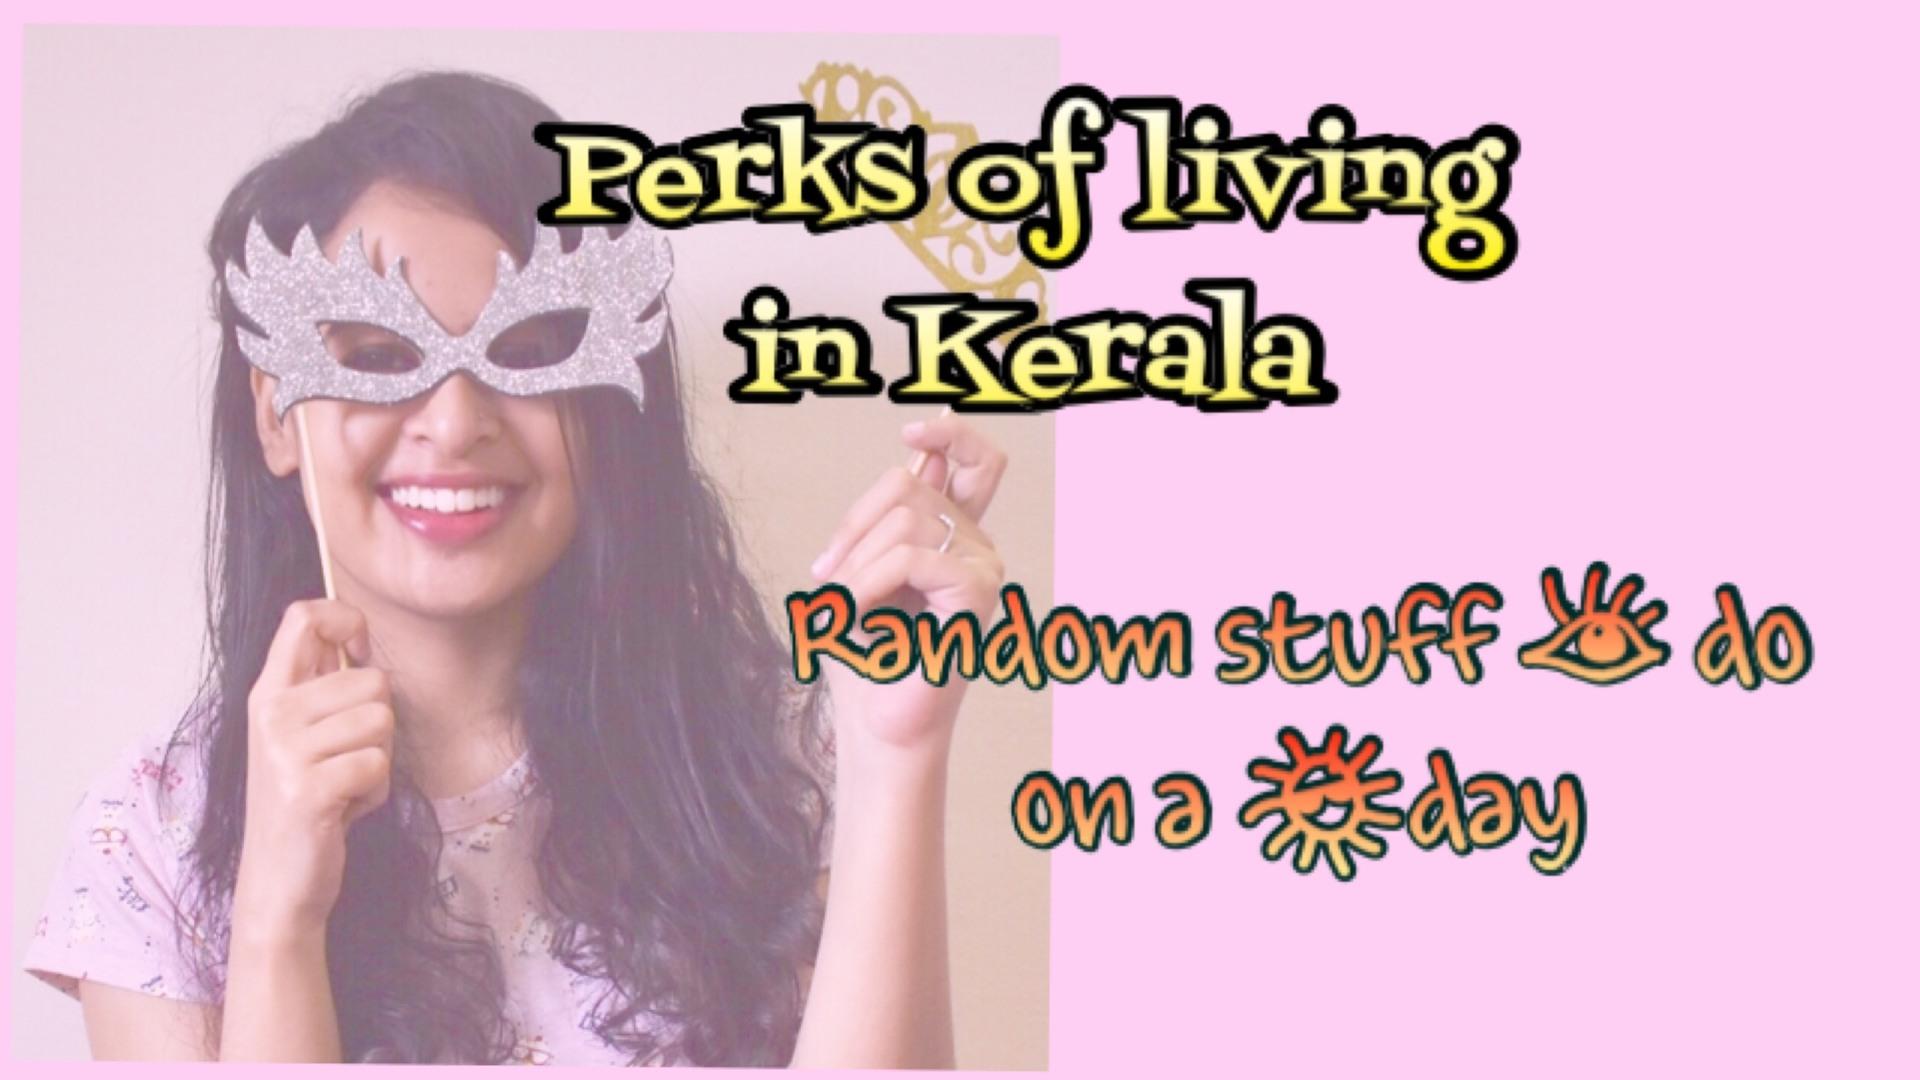 Pooja Sreesa Kumar - 814E0923-5C1D-419C-B8C7-73CAF93FED91